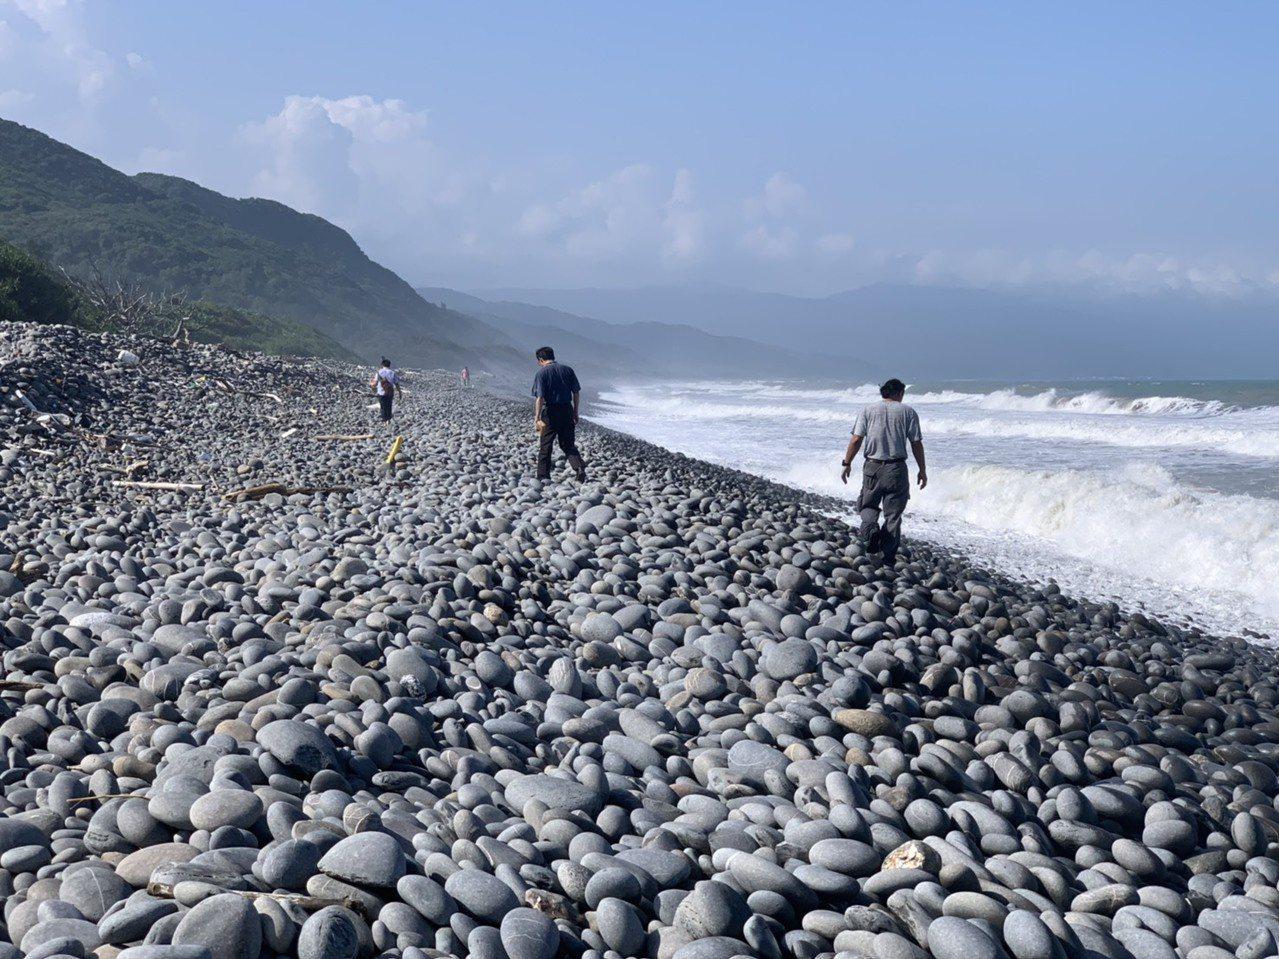 有遊客今天中午在台東縣達仁鄉南田海邊撿奇石時,在石灘上發現散落不明的白色包裝物,...